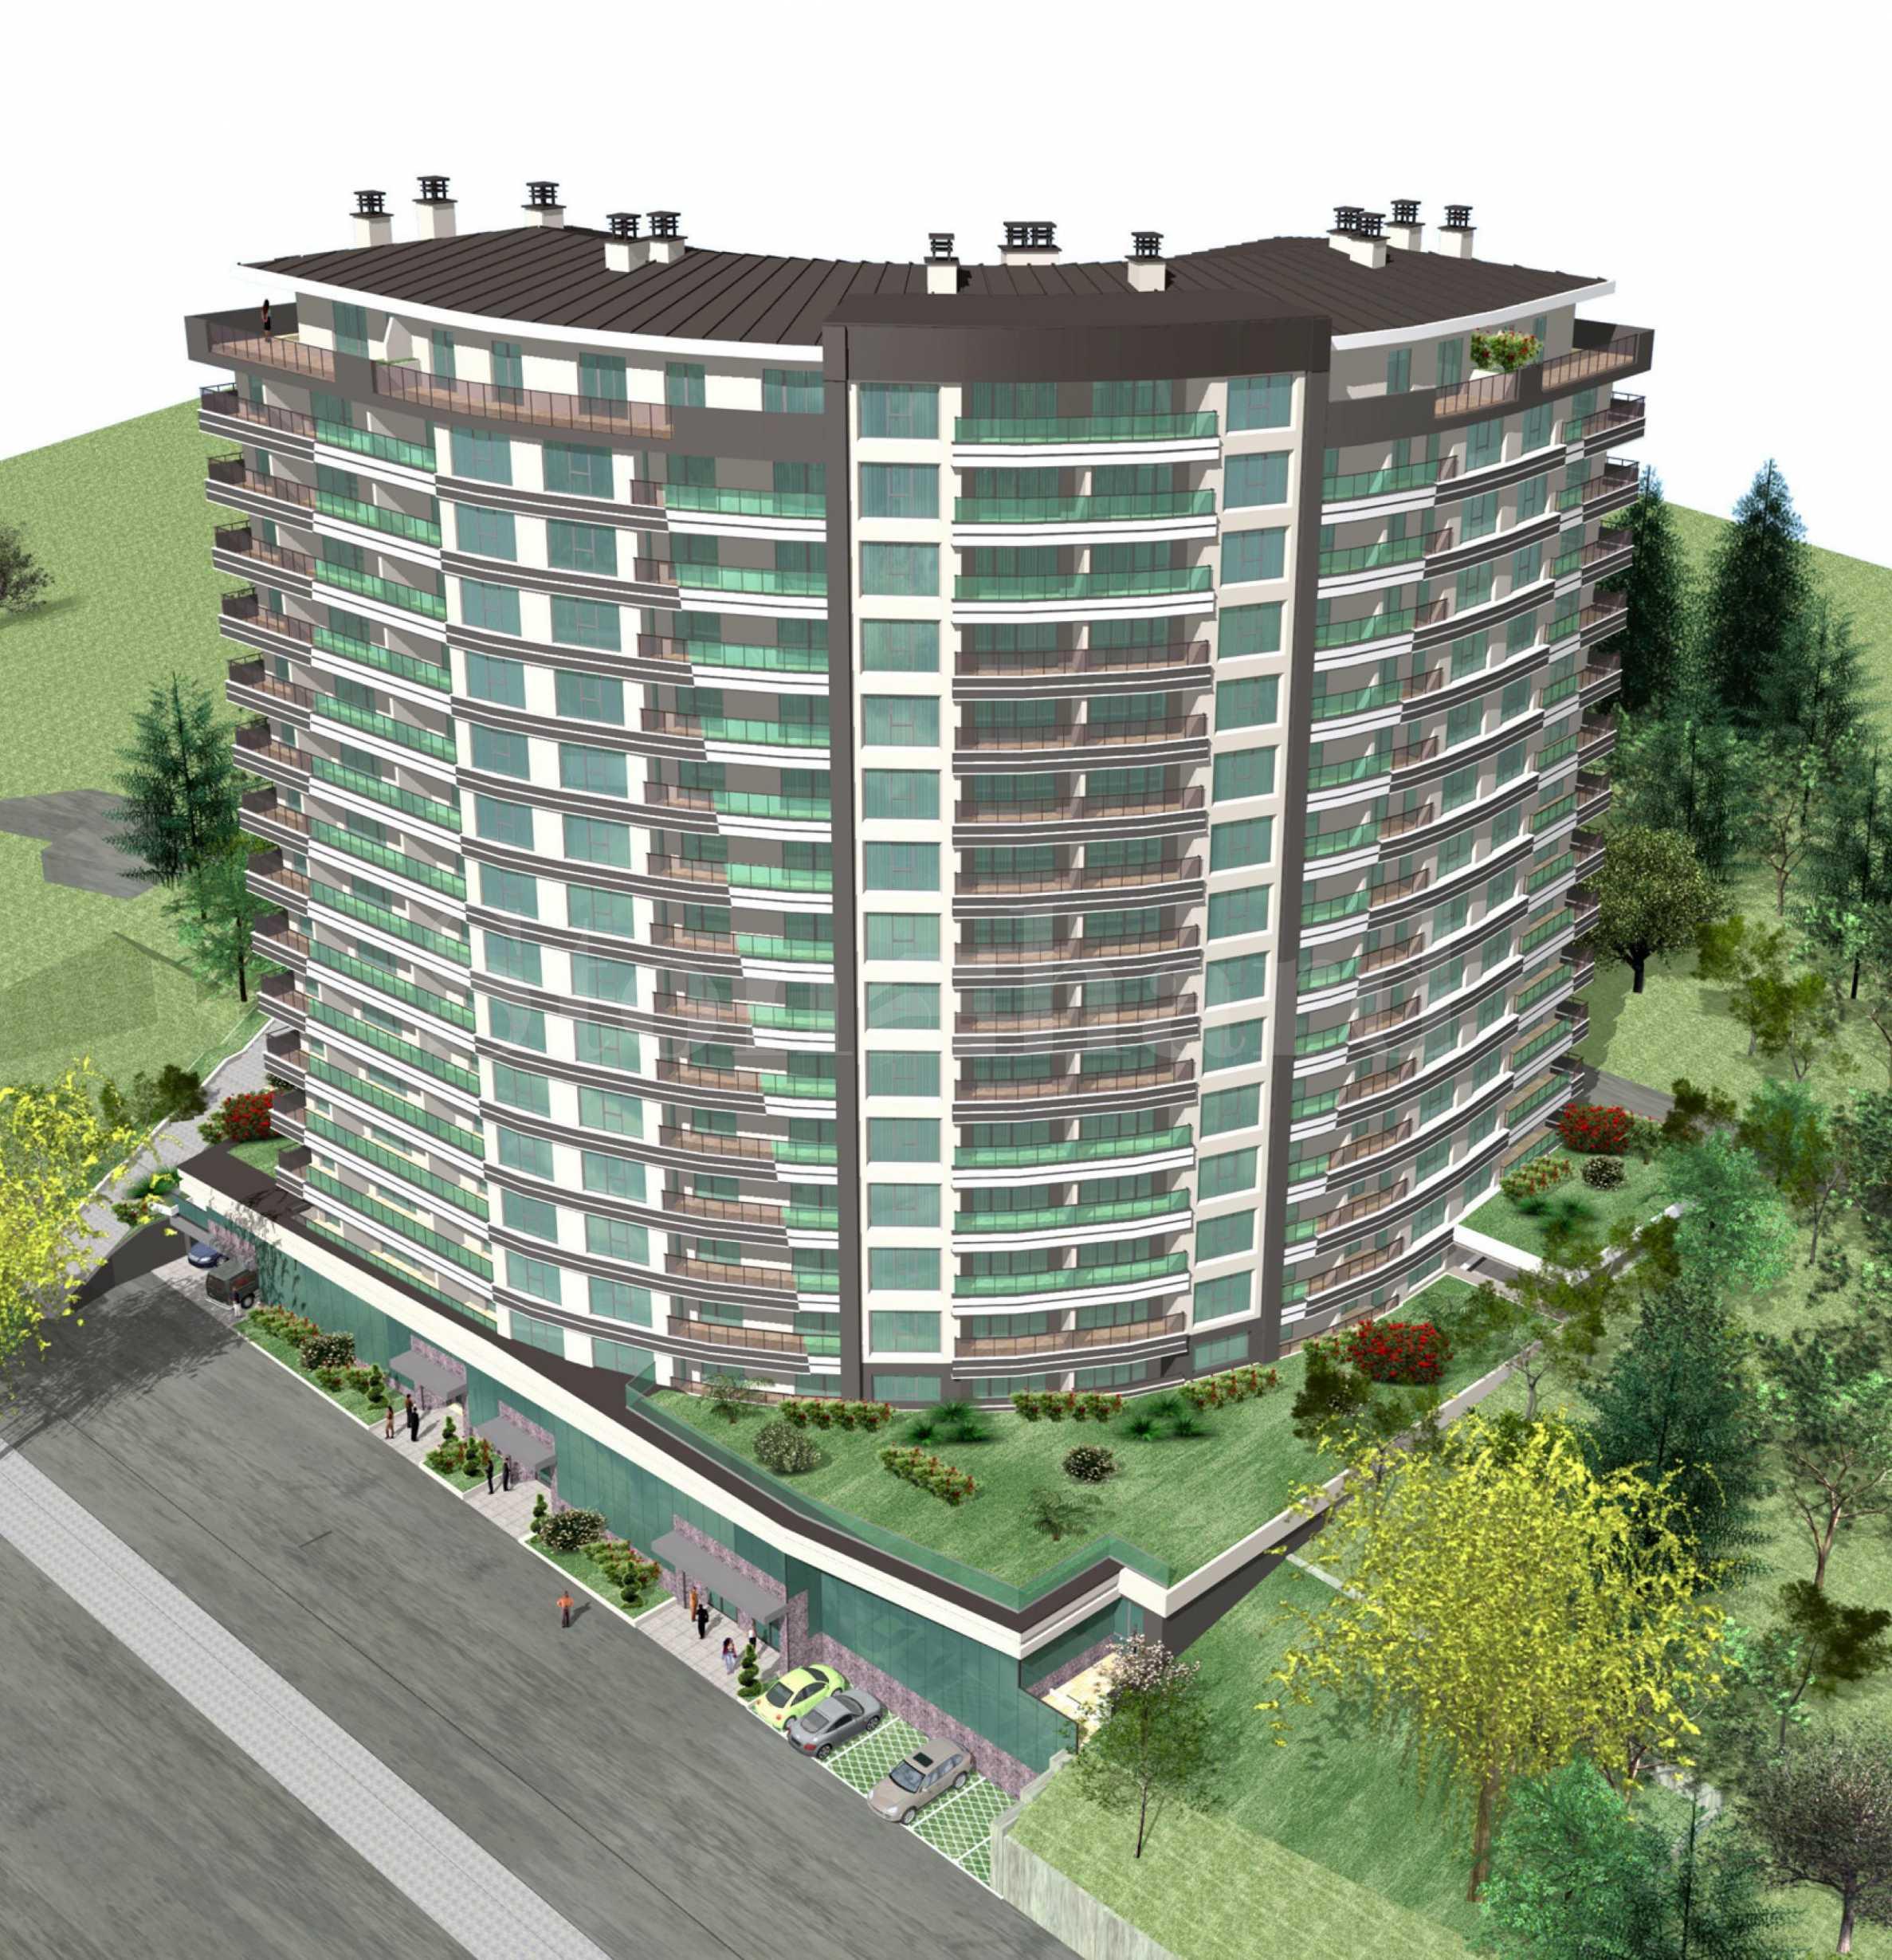 Ефектна сграда с практични апартаменти, бизнес имоти и паркоместа2 - Stonehard